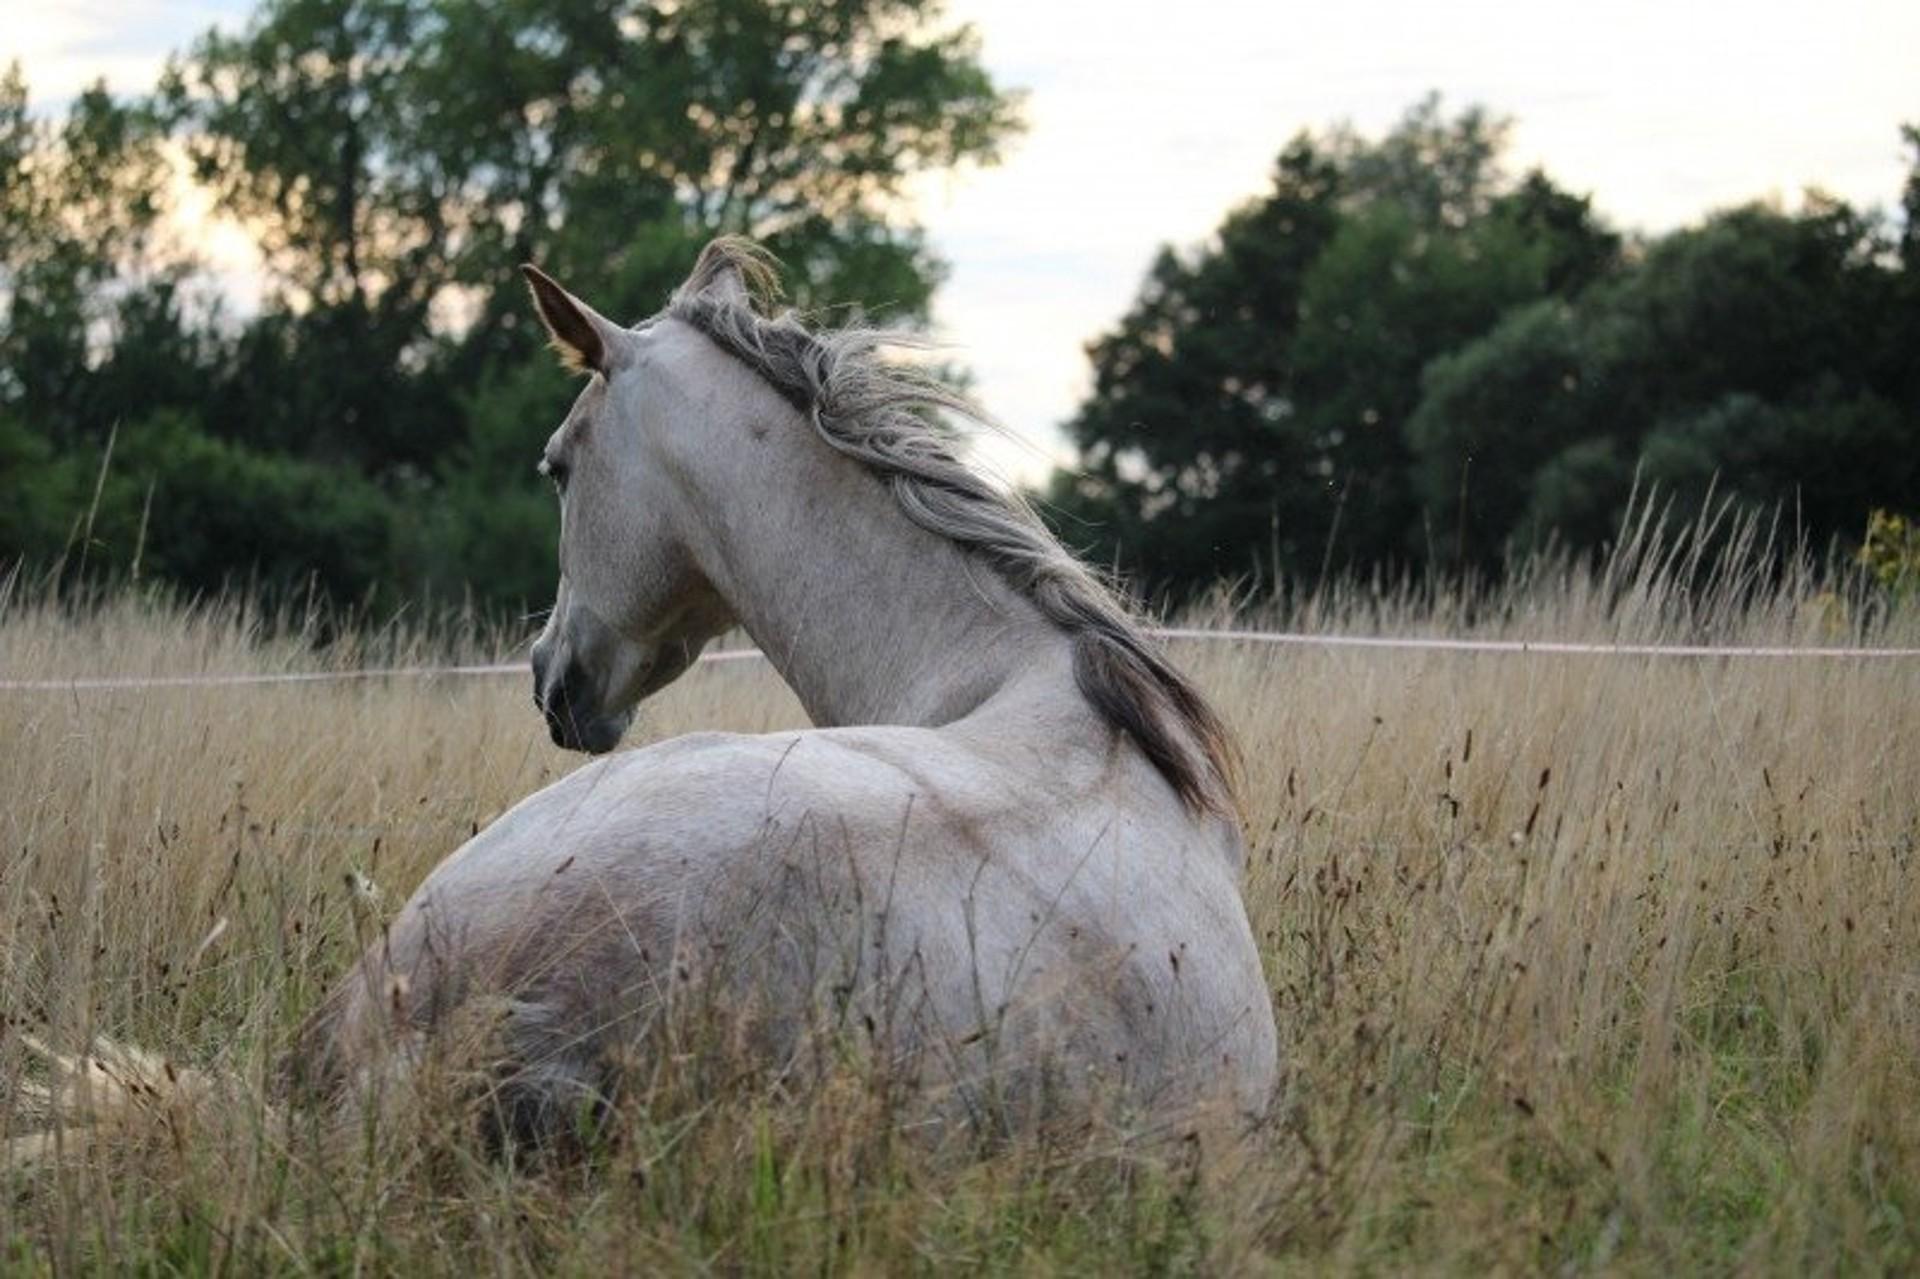 Důležité je posuzovat každého koně individuálně